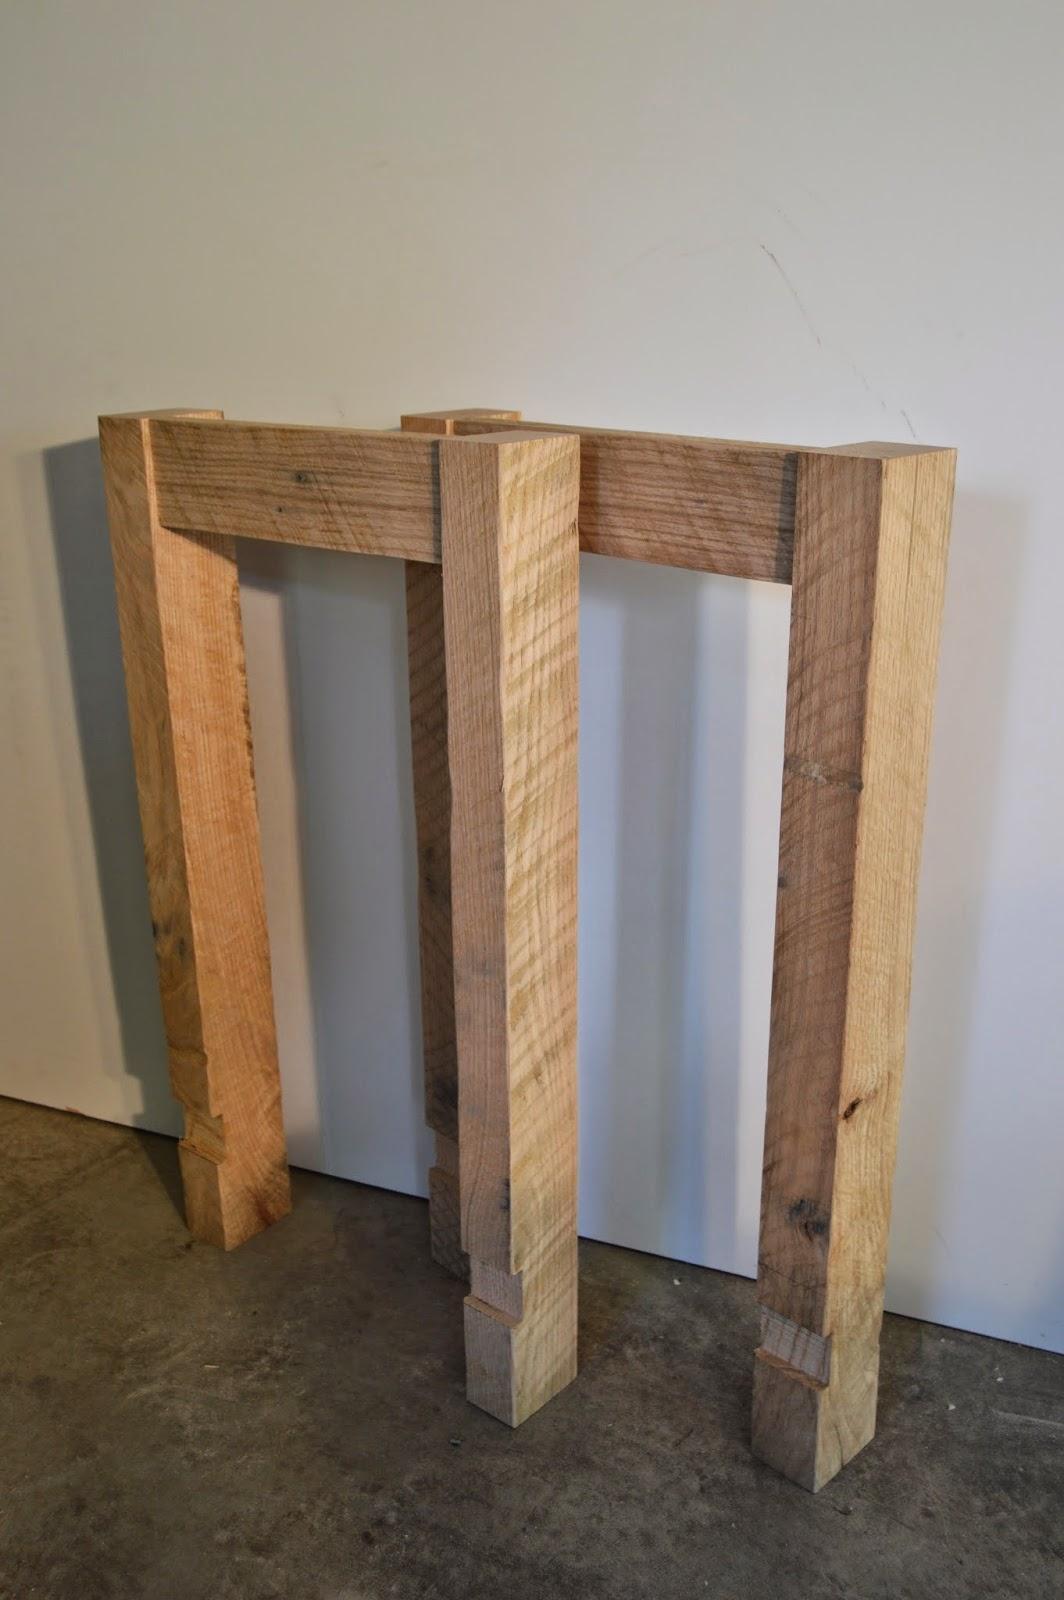 diy reclaimed wood tv table. Black Bedroom Furniture Sets. Home Design Ideas